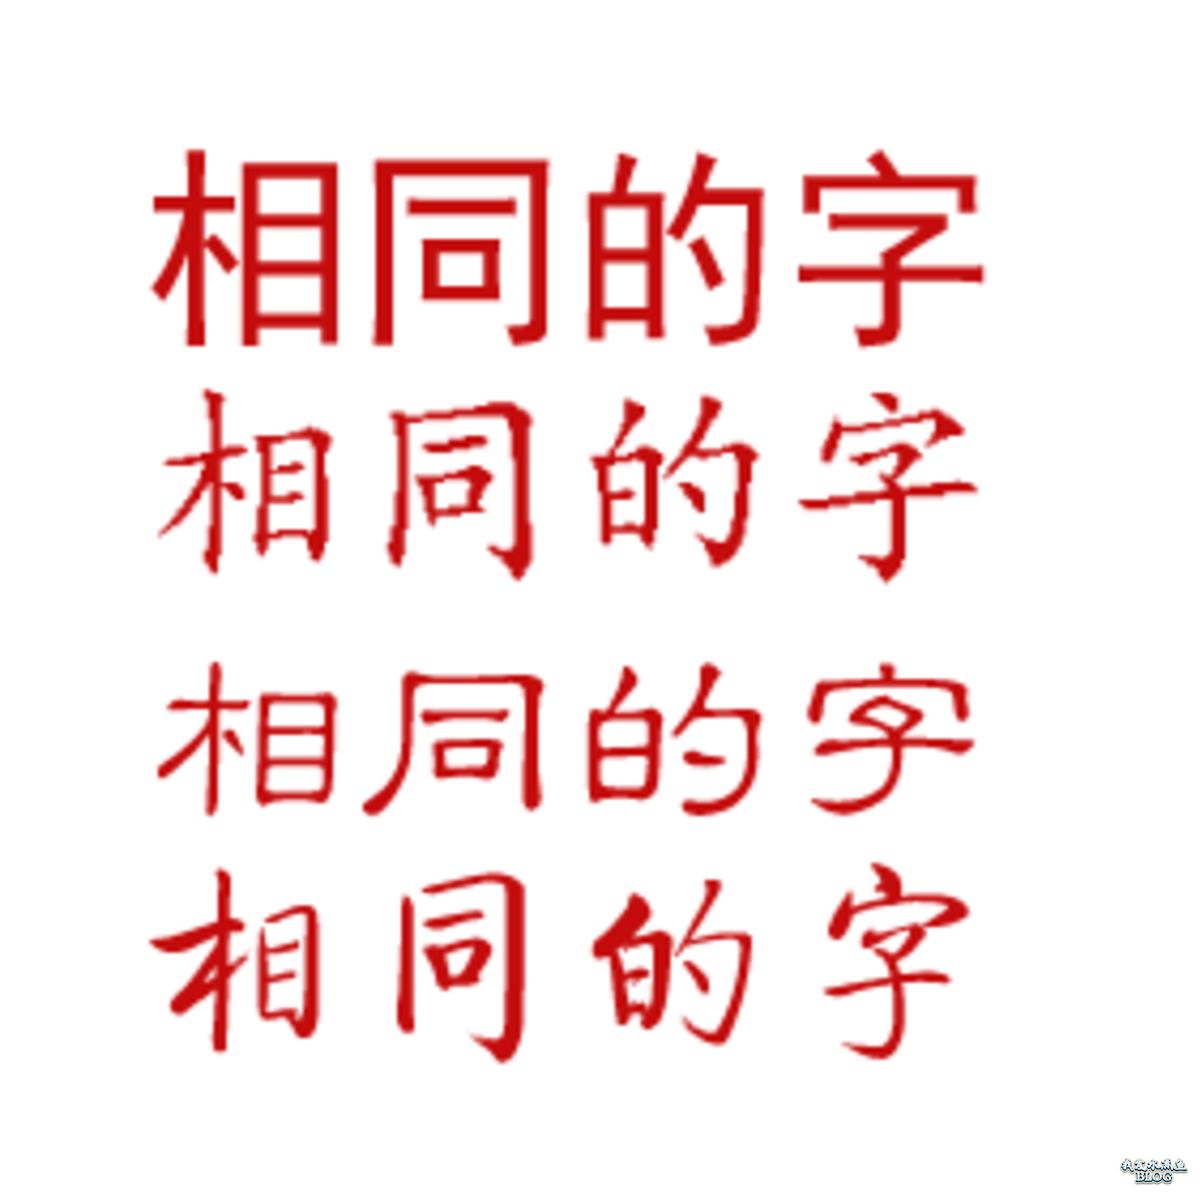 中文字体的格式